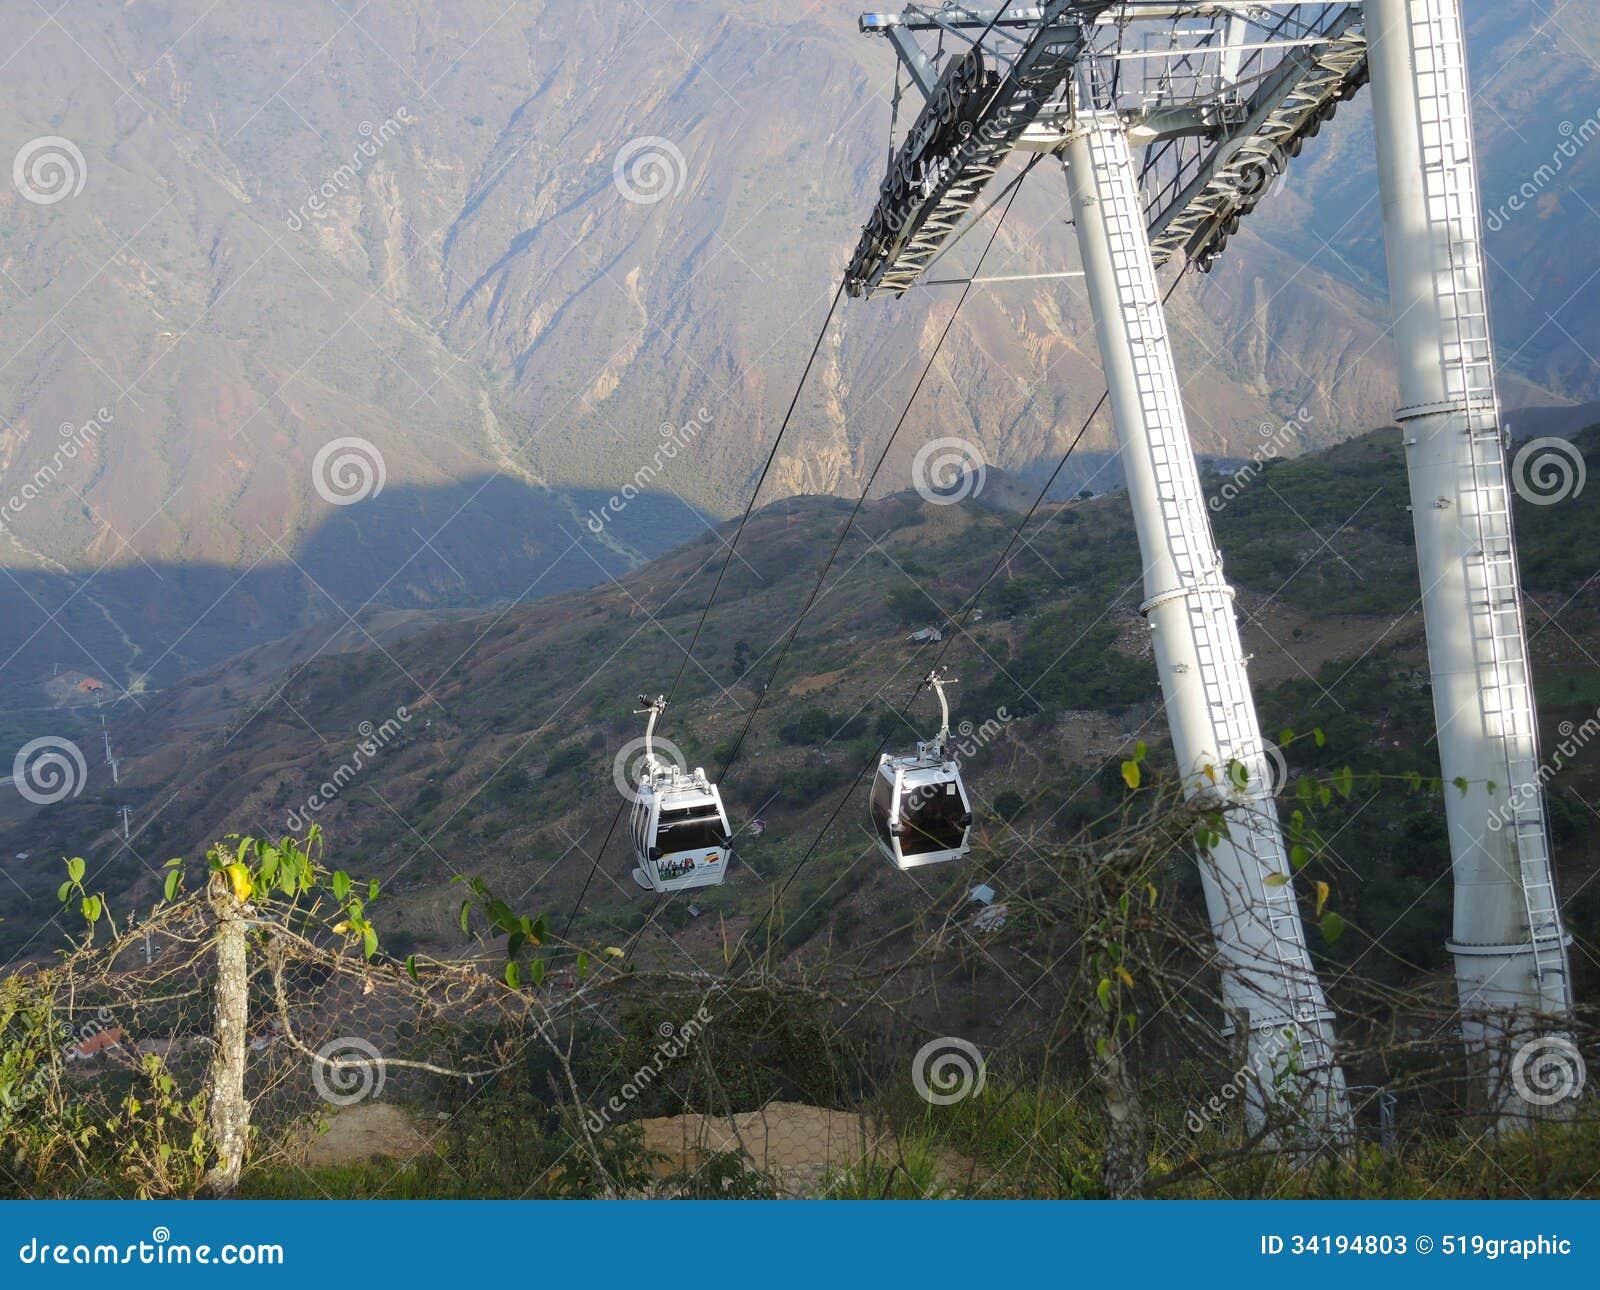 Kabelbahn zur Schlucht von Chicamocha.